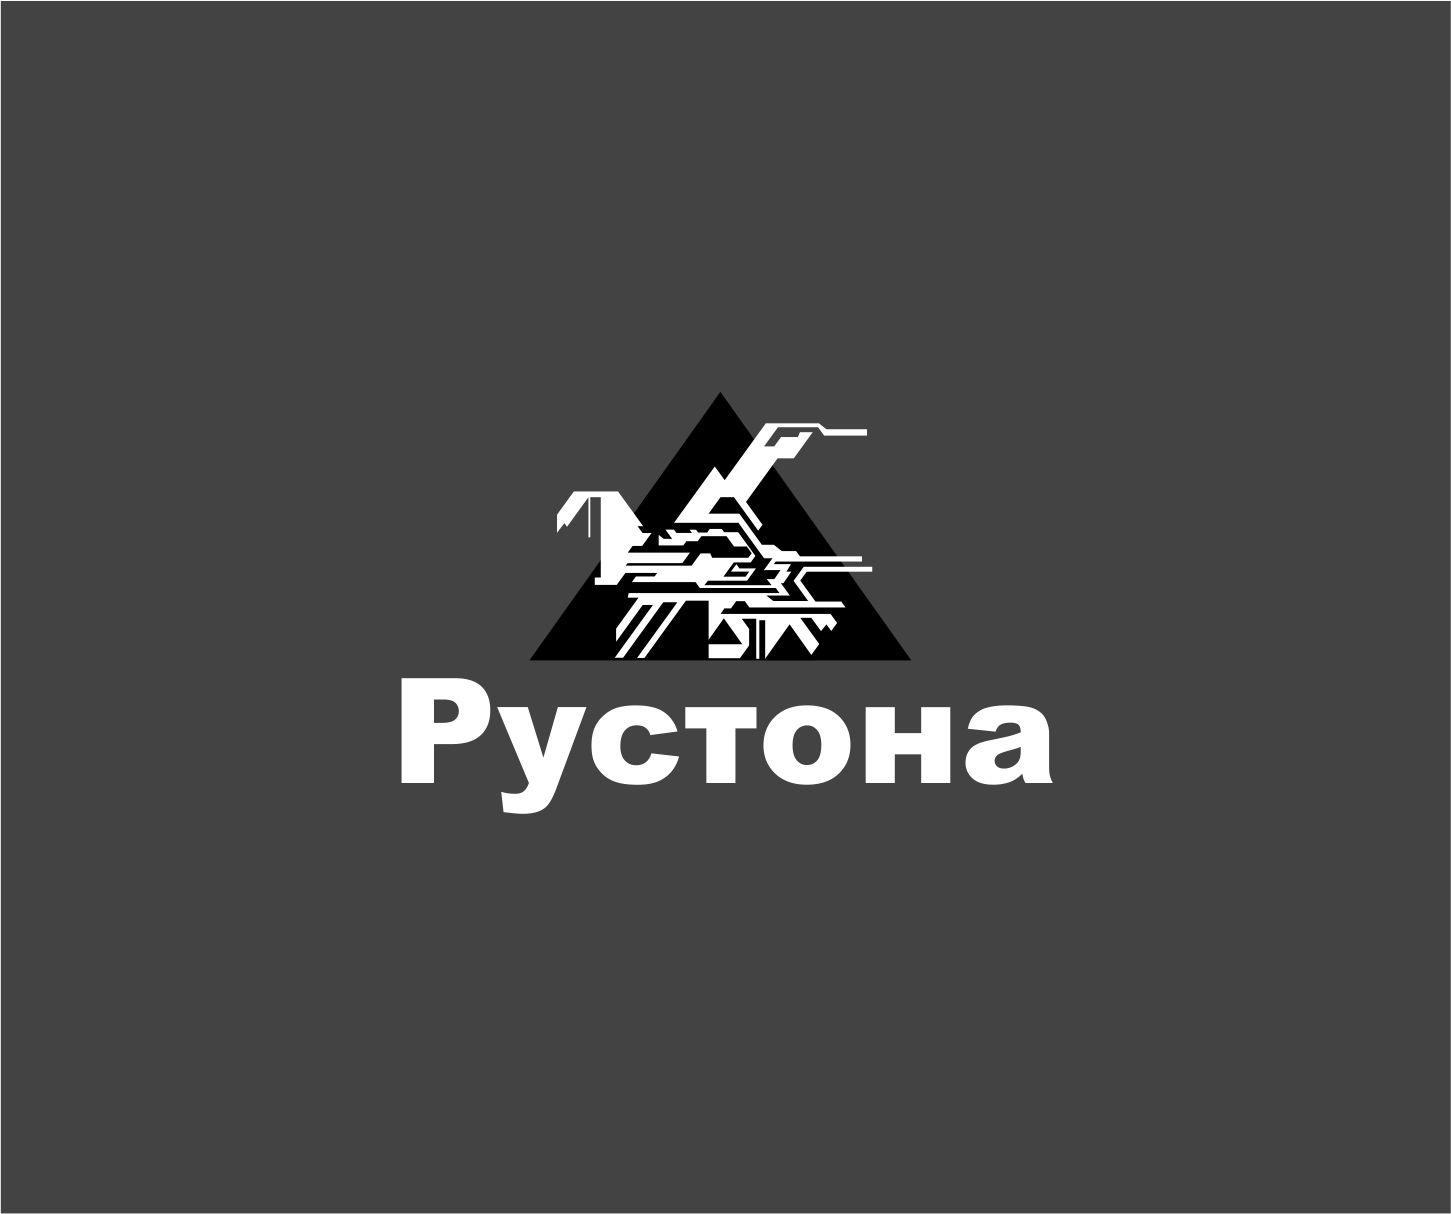 Логотип для компании Рустона (www.rustona.com) - дизайнер Batishev